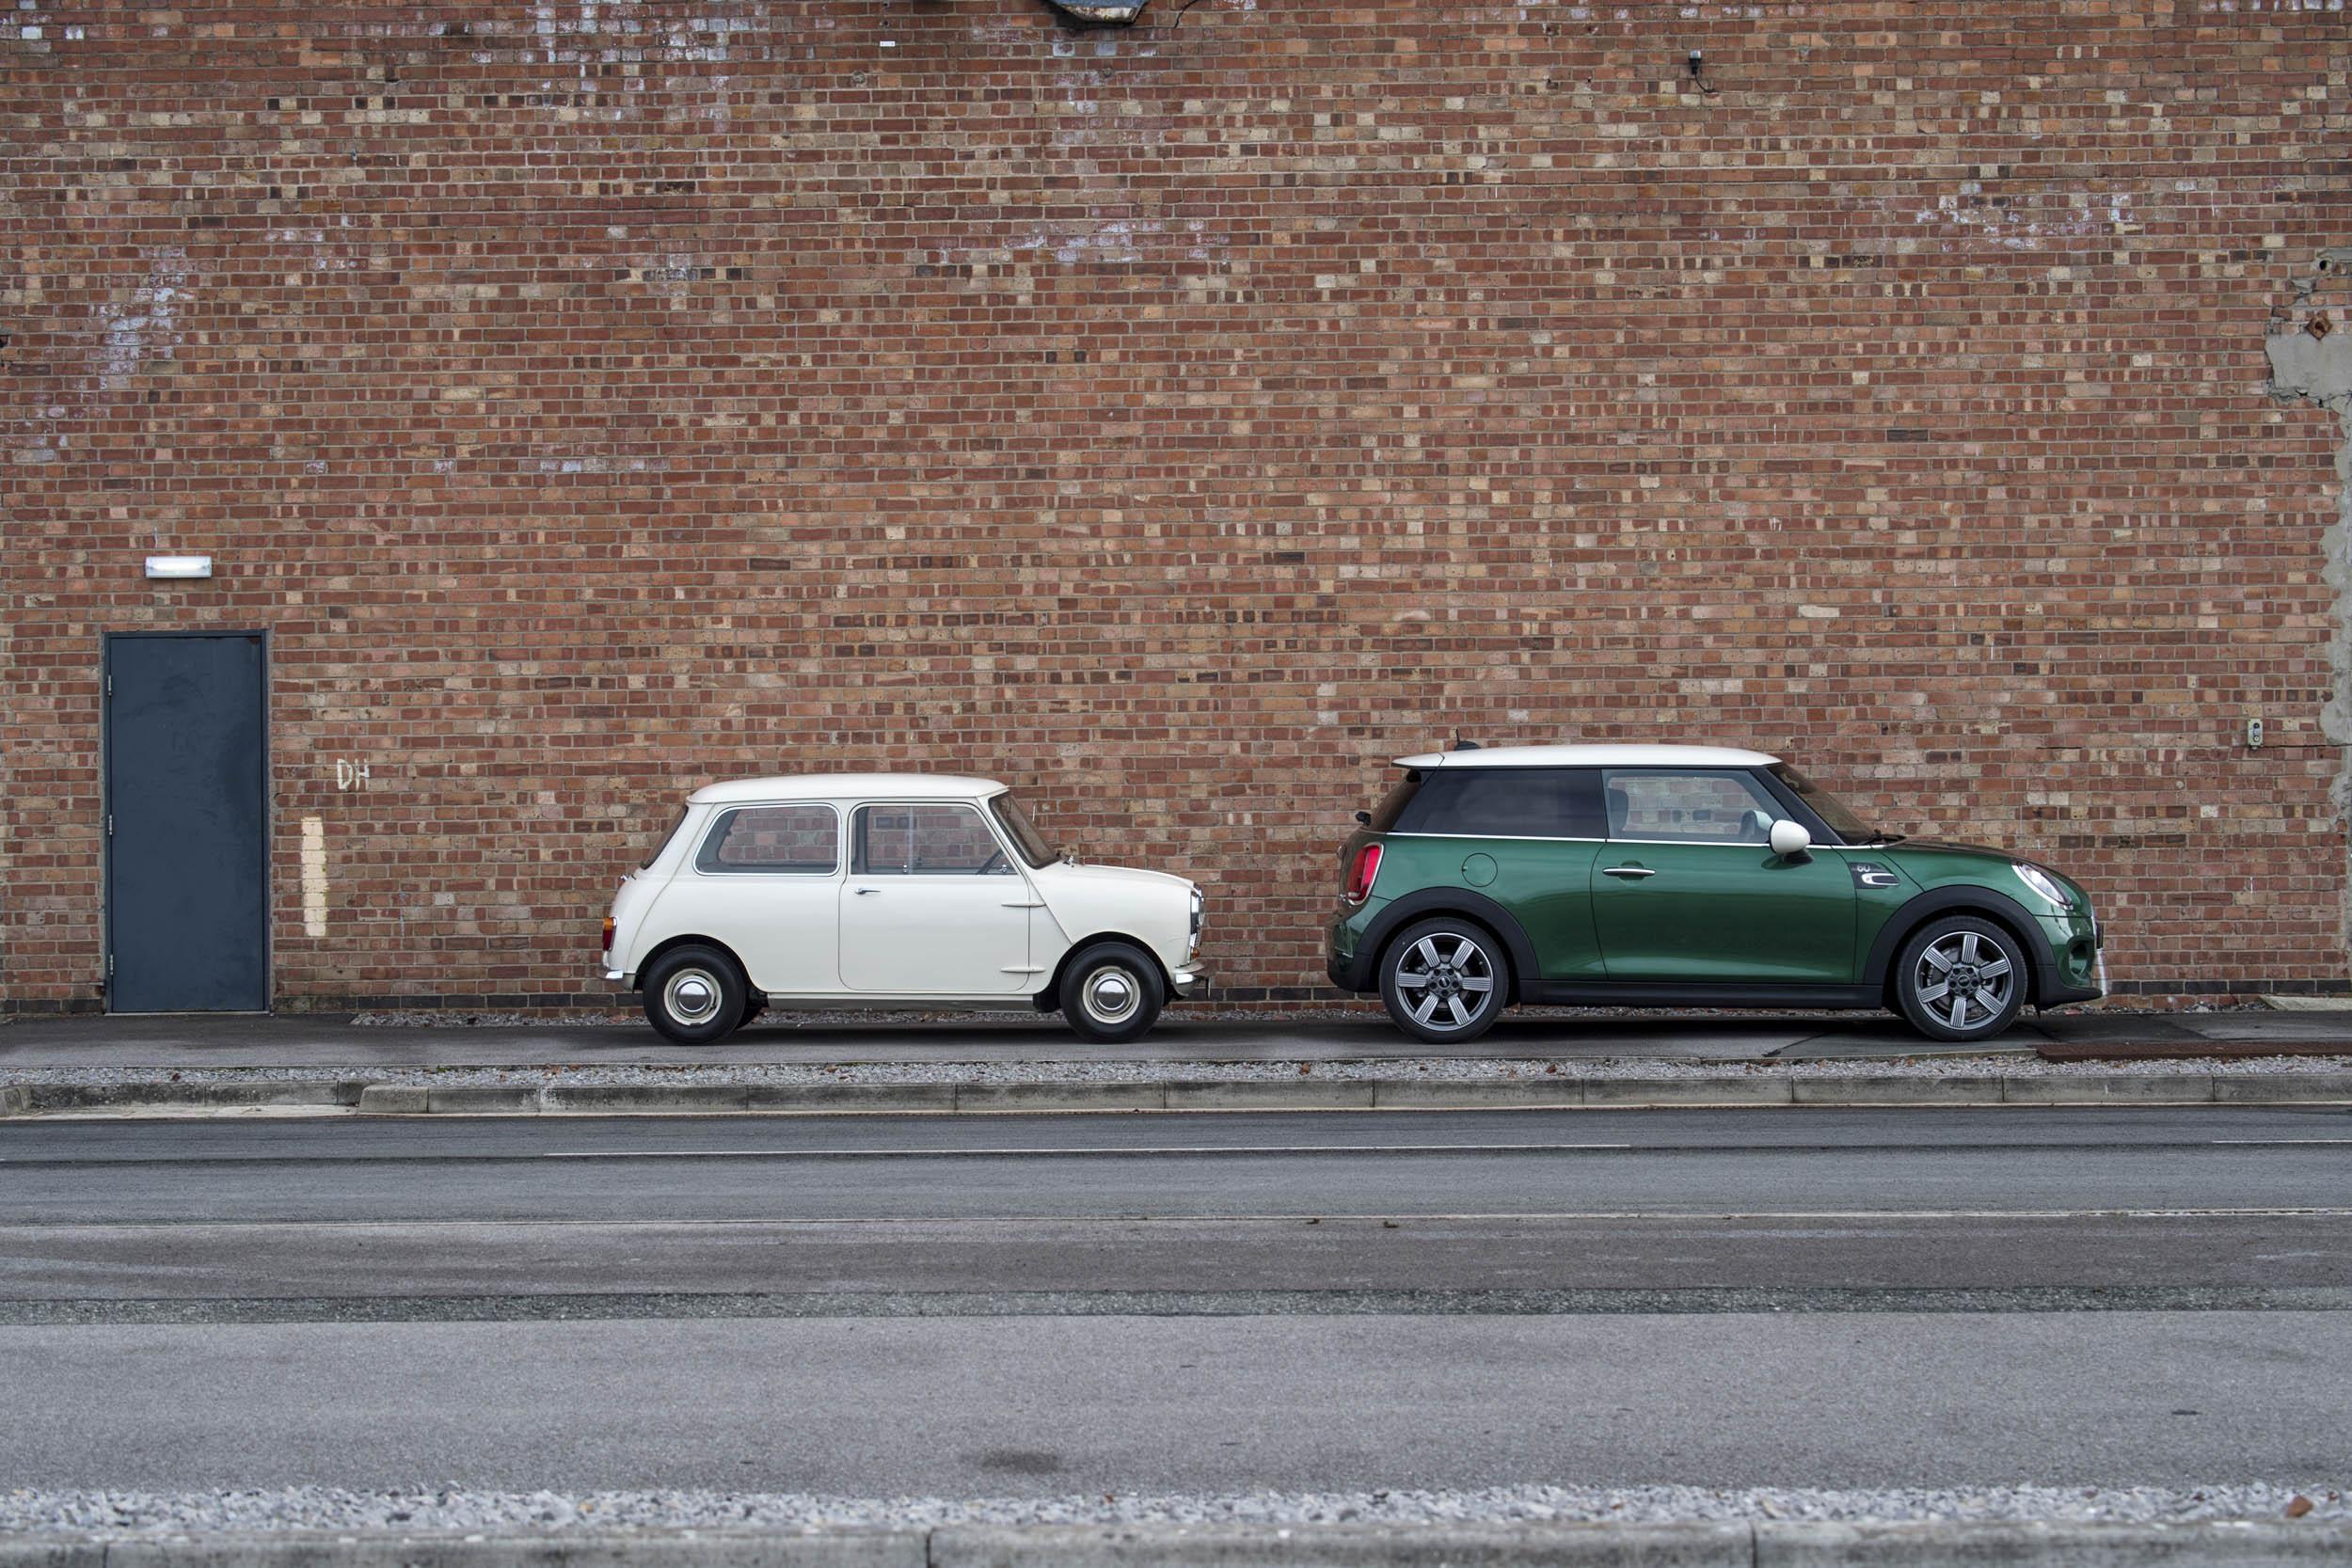 1959 Morris Mini-Minor with 60th anniversary Mini Cooper side profiles